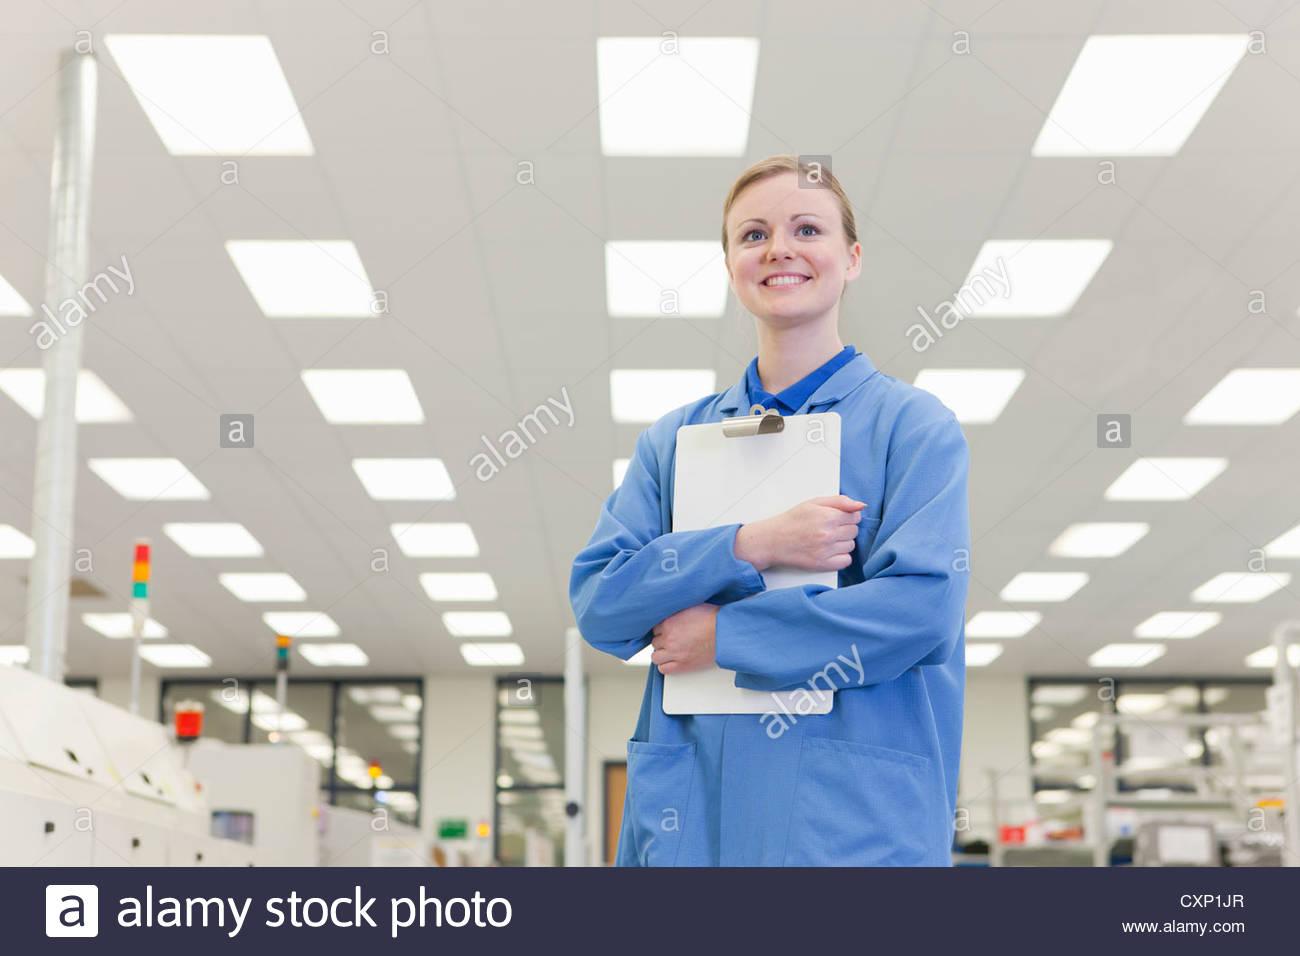 Porträt des Lächelns Ingenieur Betrieb Zwischenablage in Hightech-Elektronik-Fabrik Stockbild